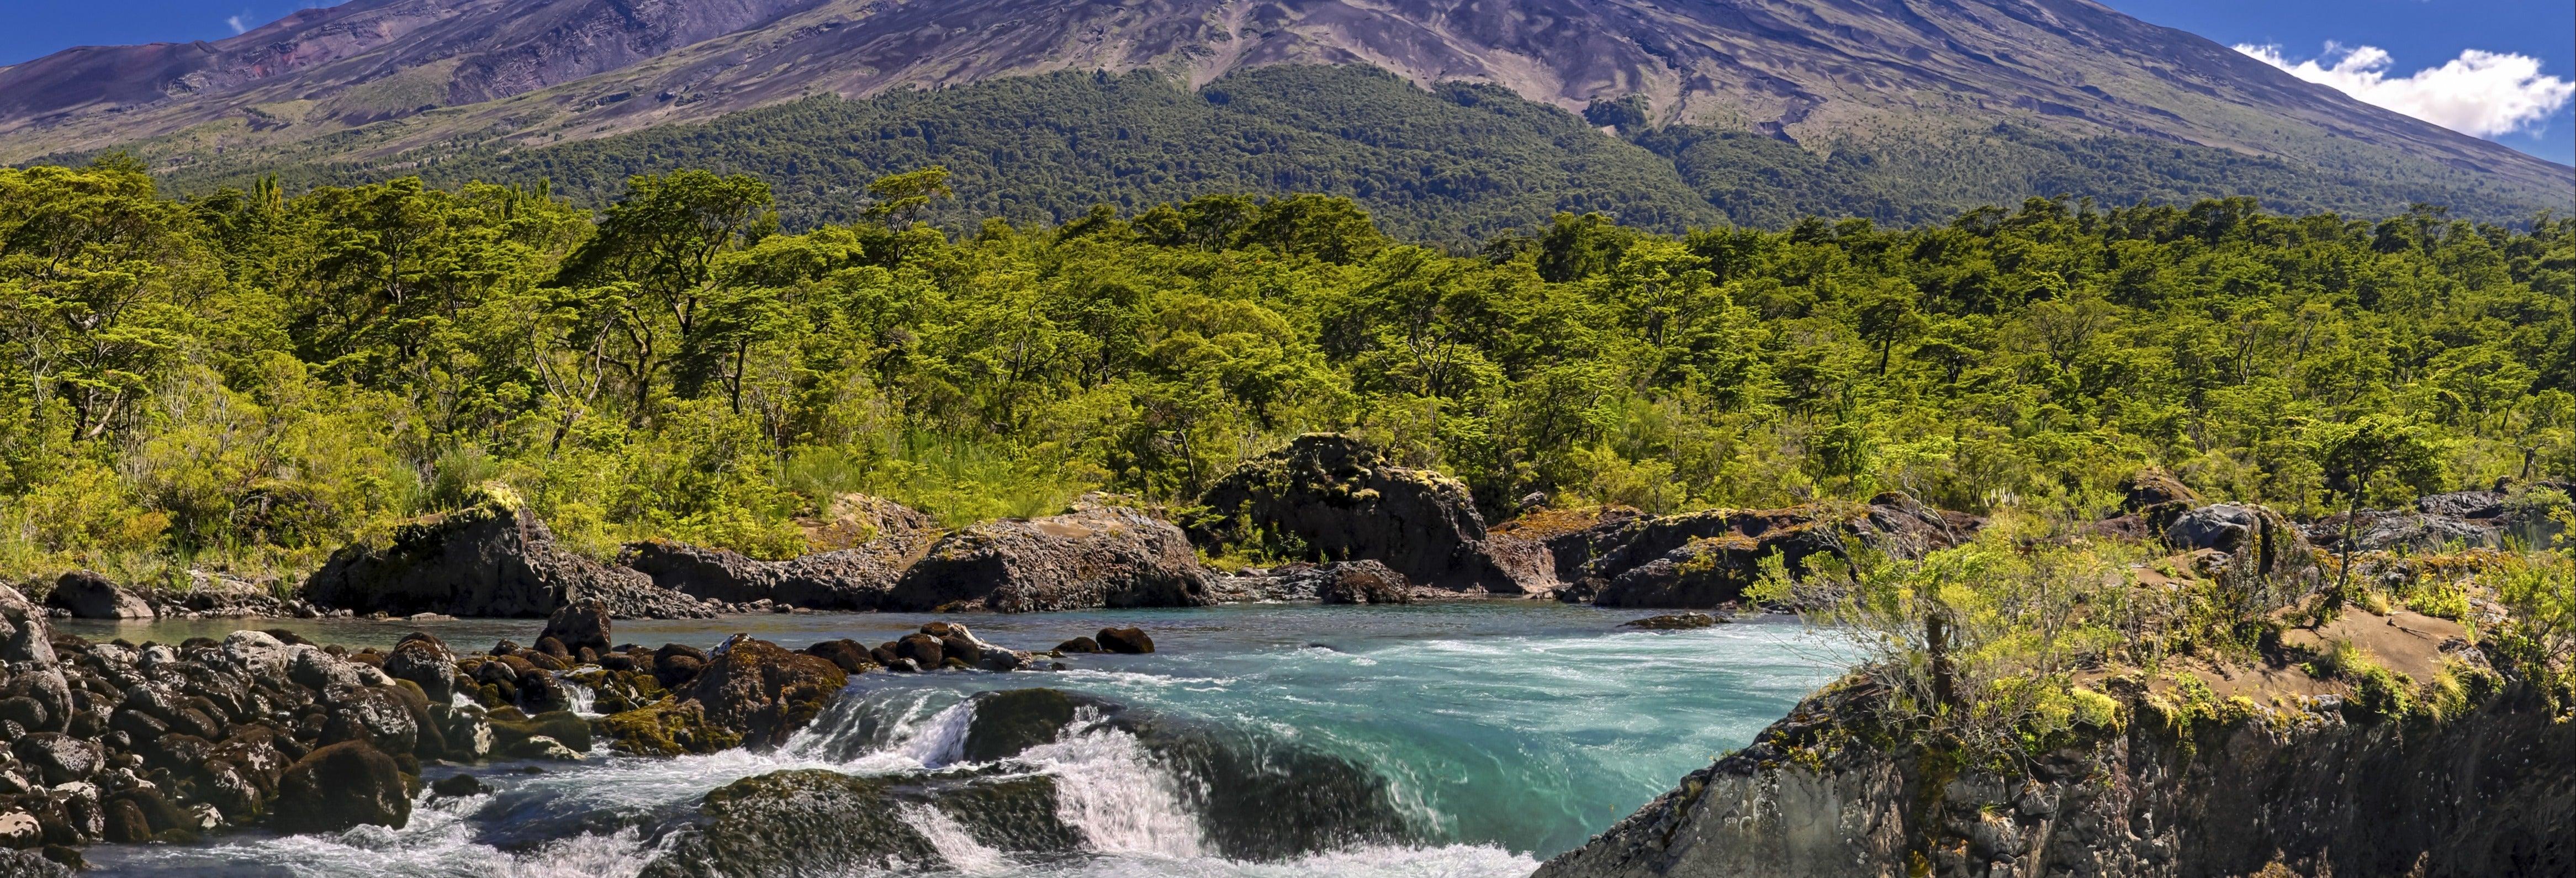 Excursion au volcan Osorno